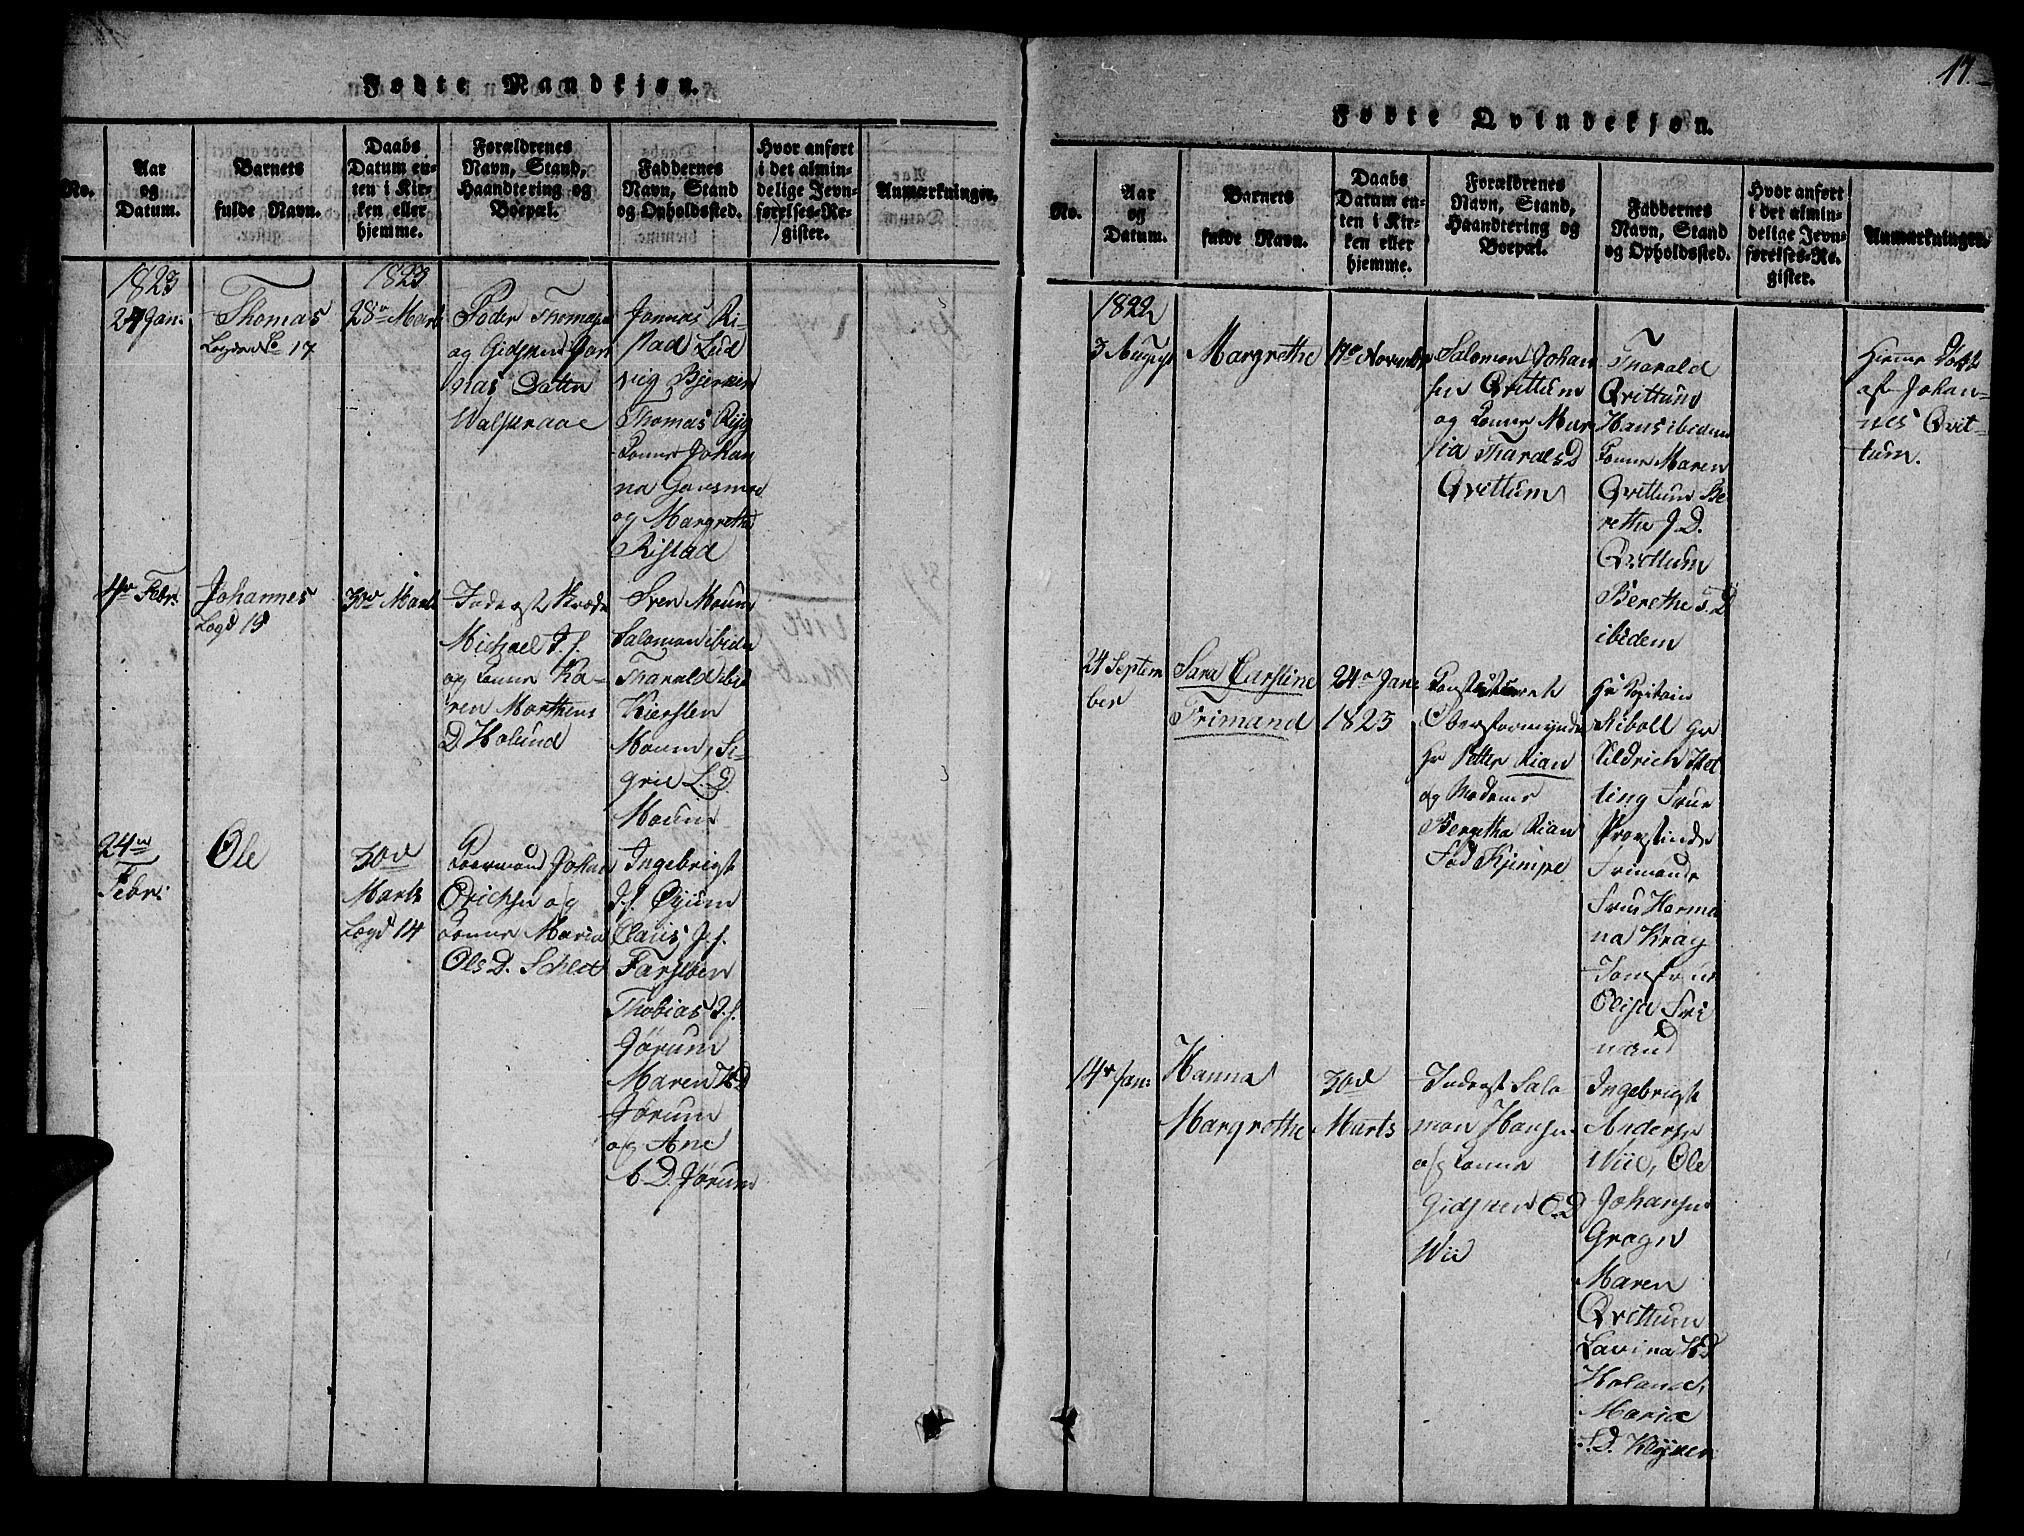 SAT, Ministerialprotokoller, klokkerbøker og fødselsregistre - Nord-Trøndelag, 758/L0521: Klokkerbok nr. 758C01, 1816-1825, s. 17